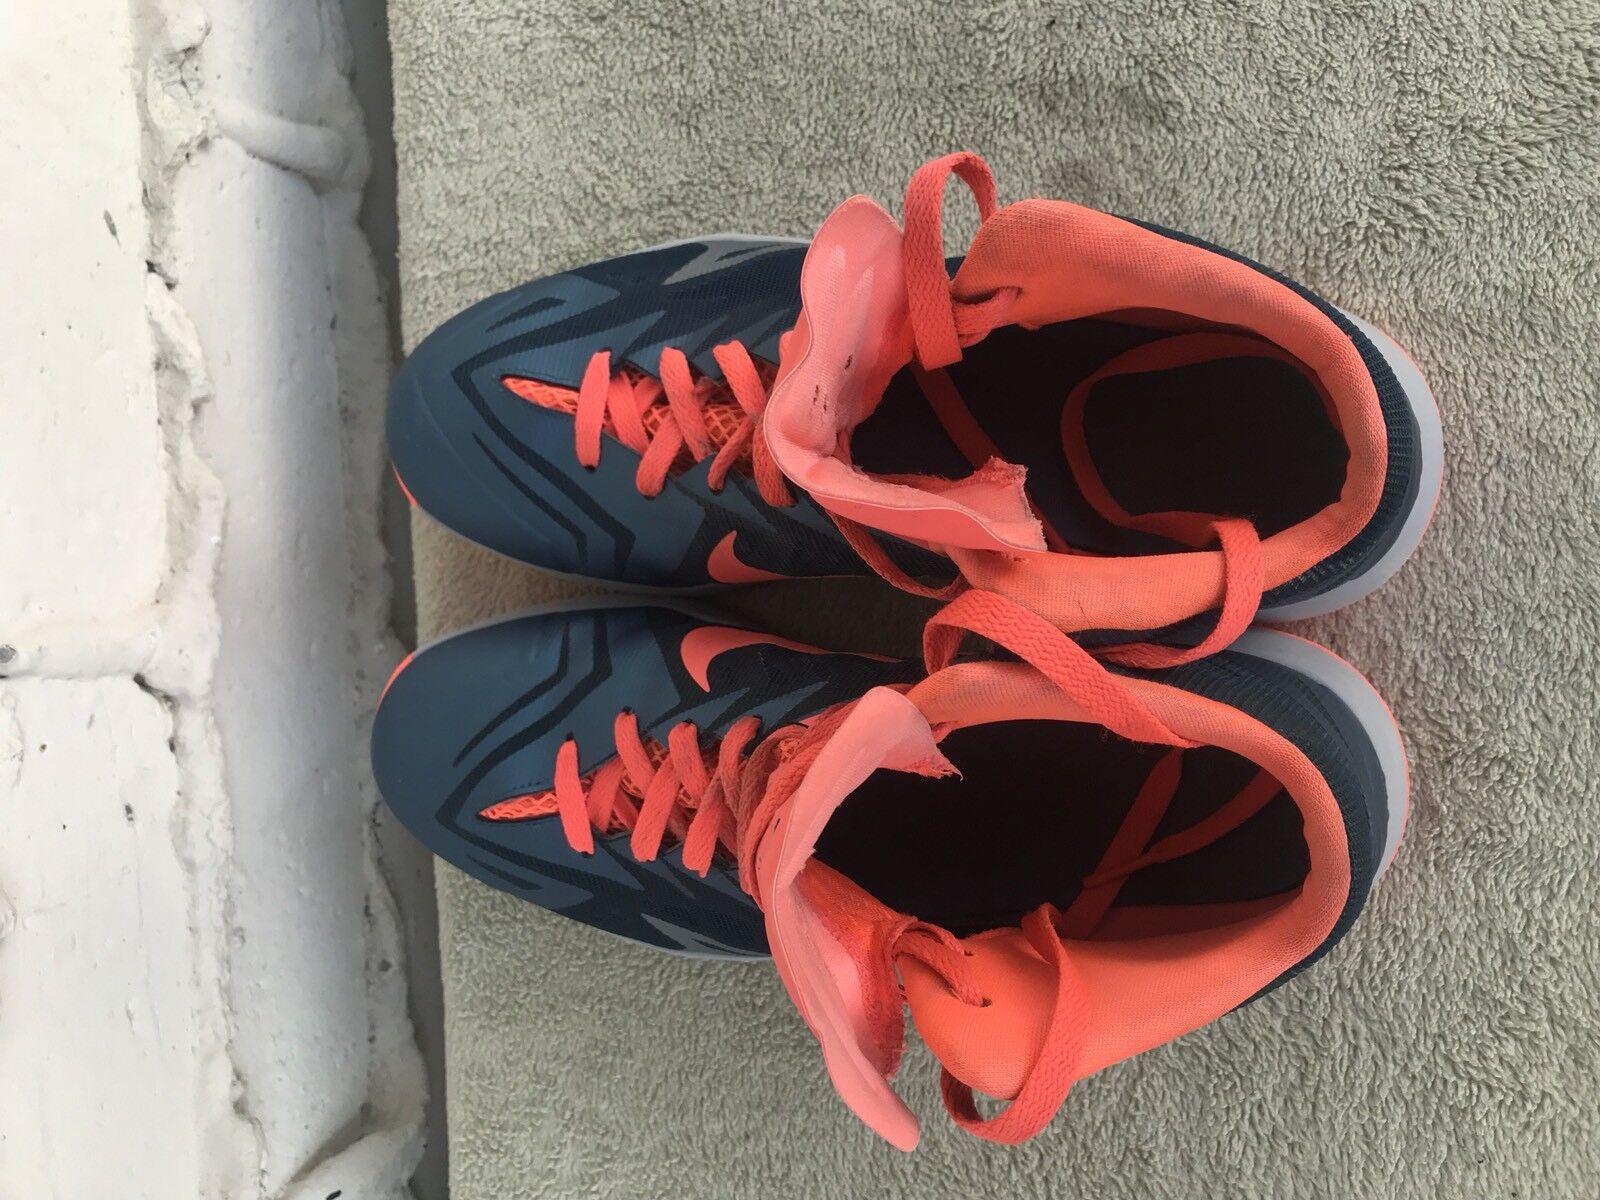 euc uomini nike lunar hyperquickness scarpe da basket, 652777 480 480 480 noi 10,5 mango | Forte calore e resistenza al calore  | Online Store  | diversità  | Sig/Sig Ra Scarpa  | Scolaro/Ragazze Scarpa  | Uomini/Donne Scarpa  b558b9